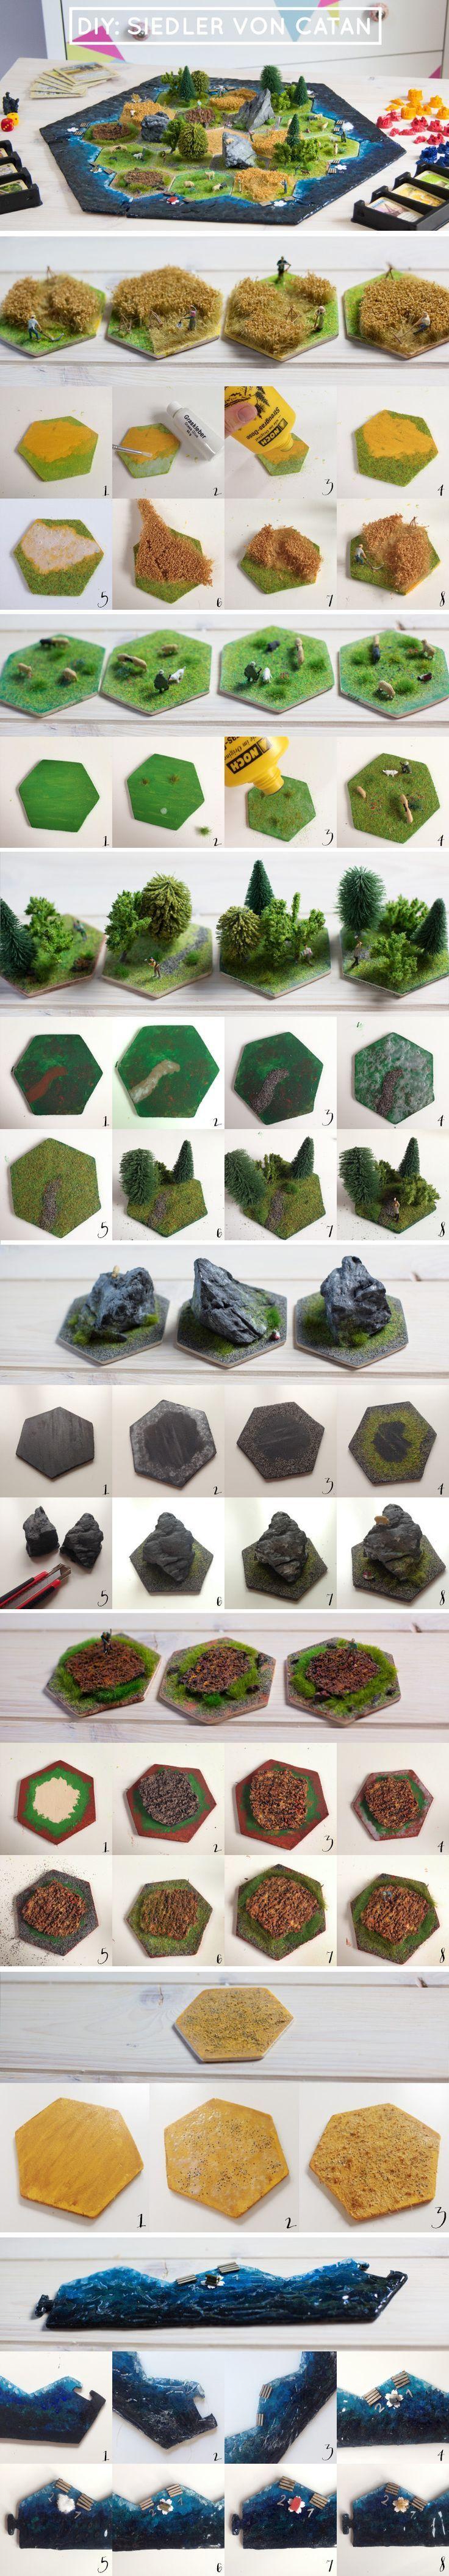 Mega DIY! Die Siedler von Catan in 3D! Genau das Richtige für alle Spielefans! Mit Miniaturfiguren.